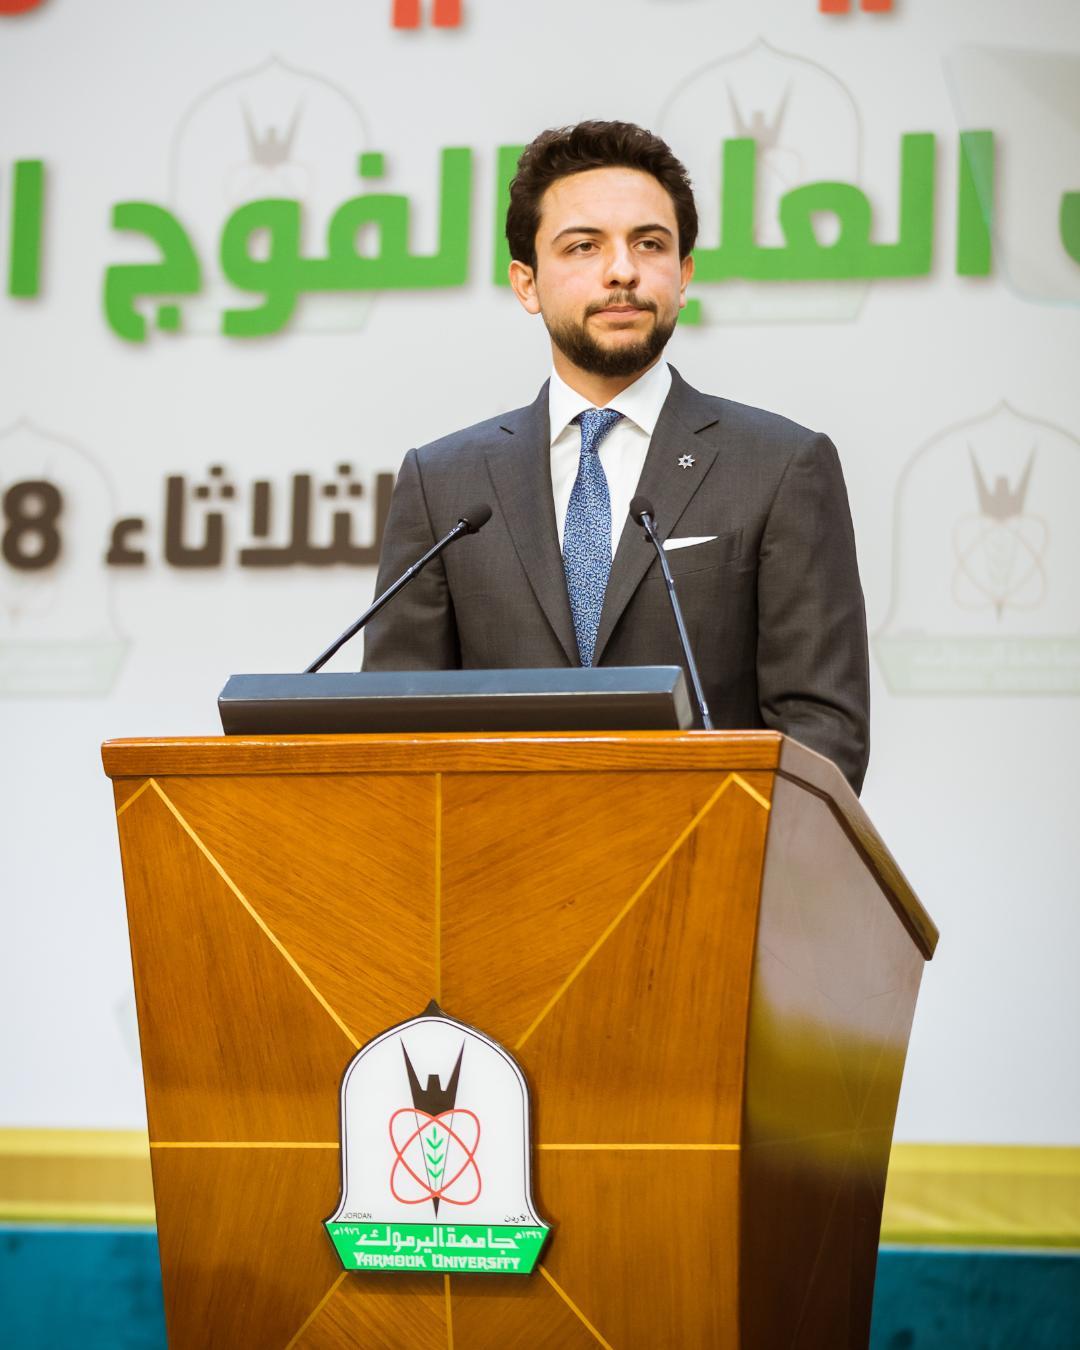 سمو الأمير الحسين بن عبدالله الثاني ولي العهد يرعى تخريج طلبة برامج الدراسات العليا بجامعة اليرموك